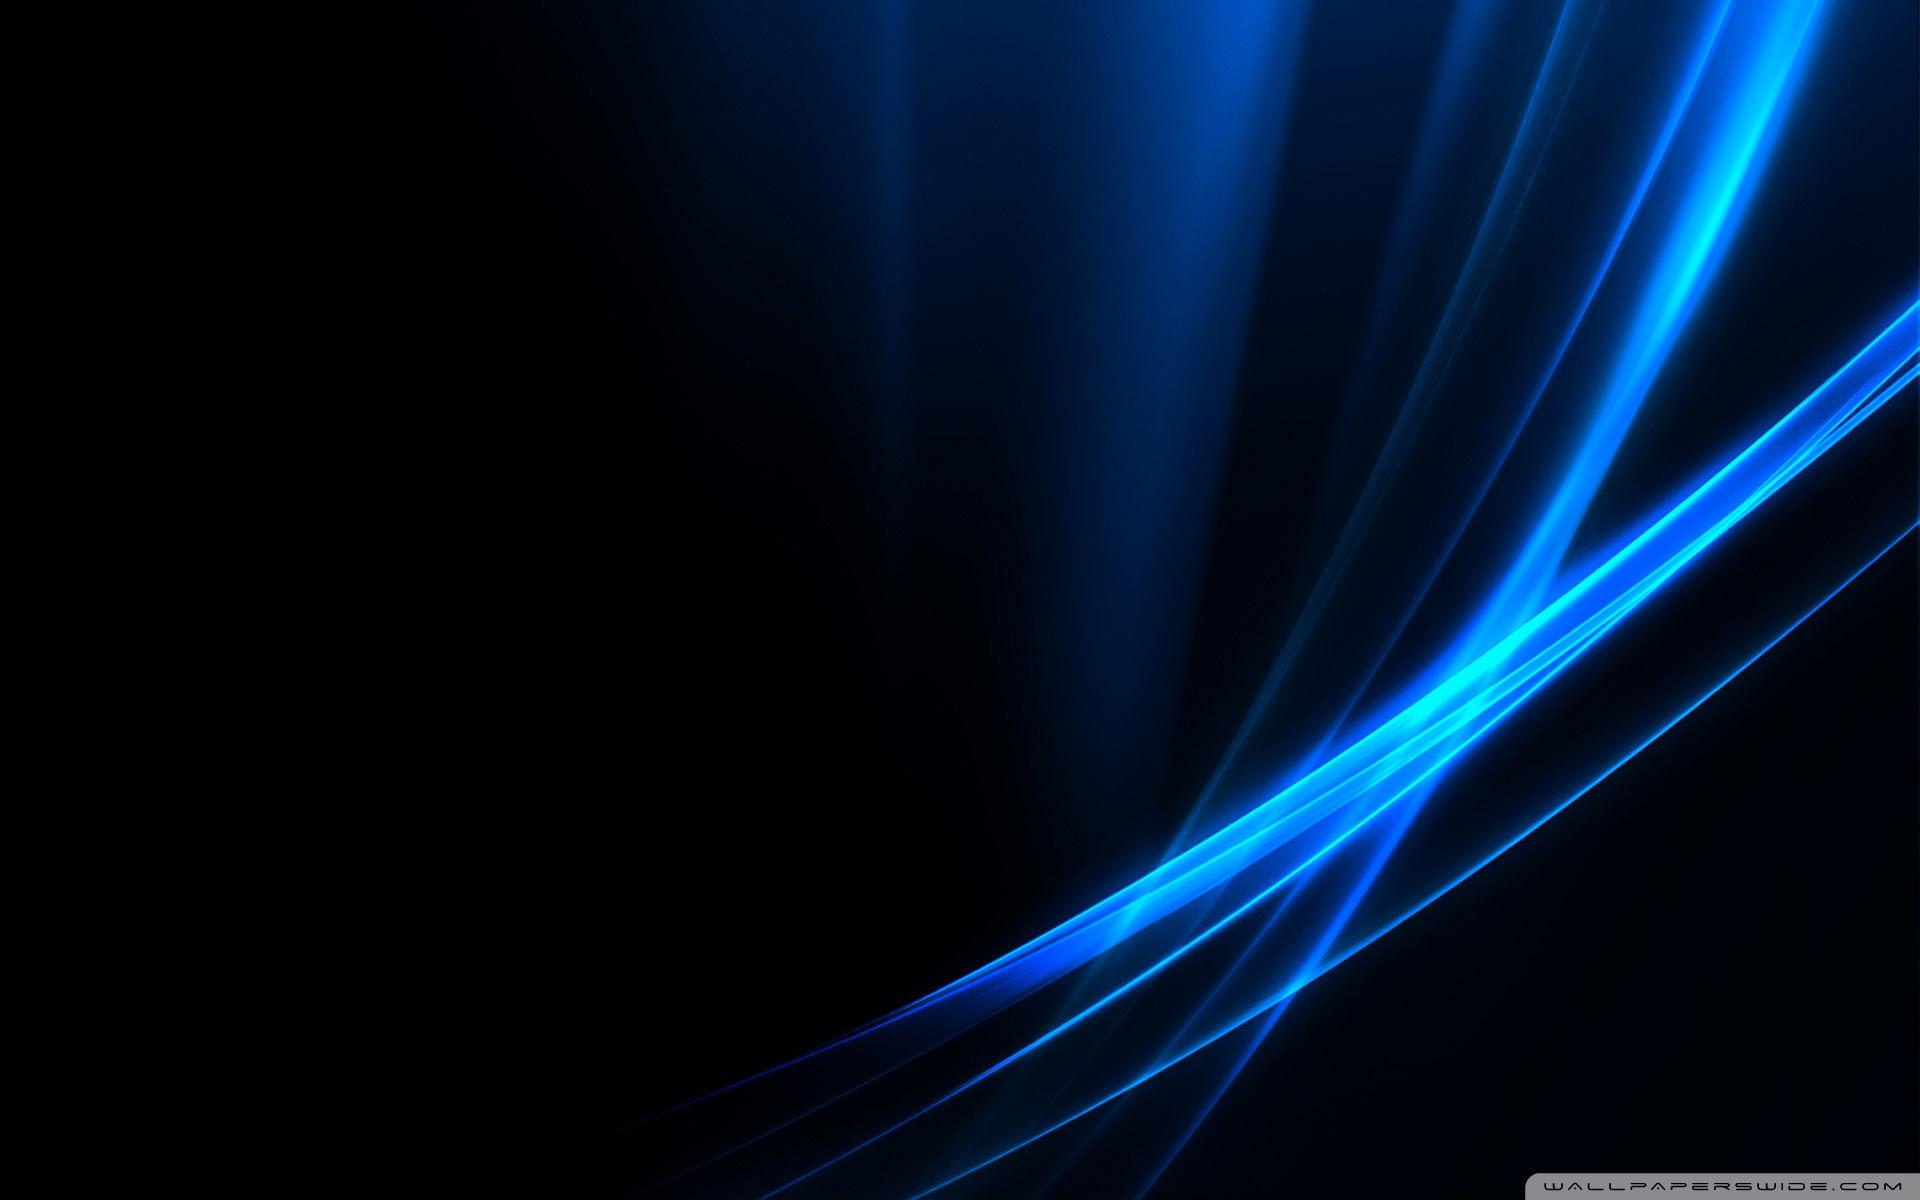 Light Blue Backgrounds wallpaper | 1024x768 | #1306